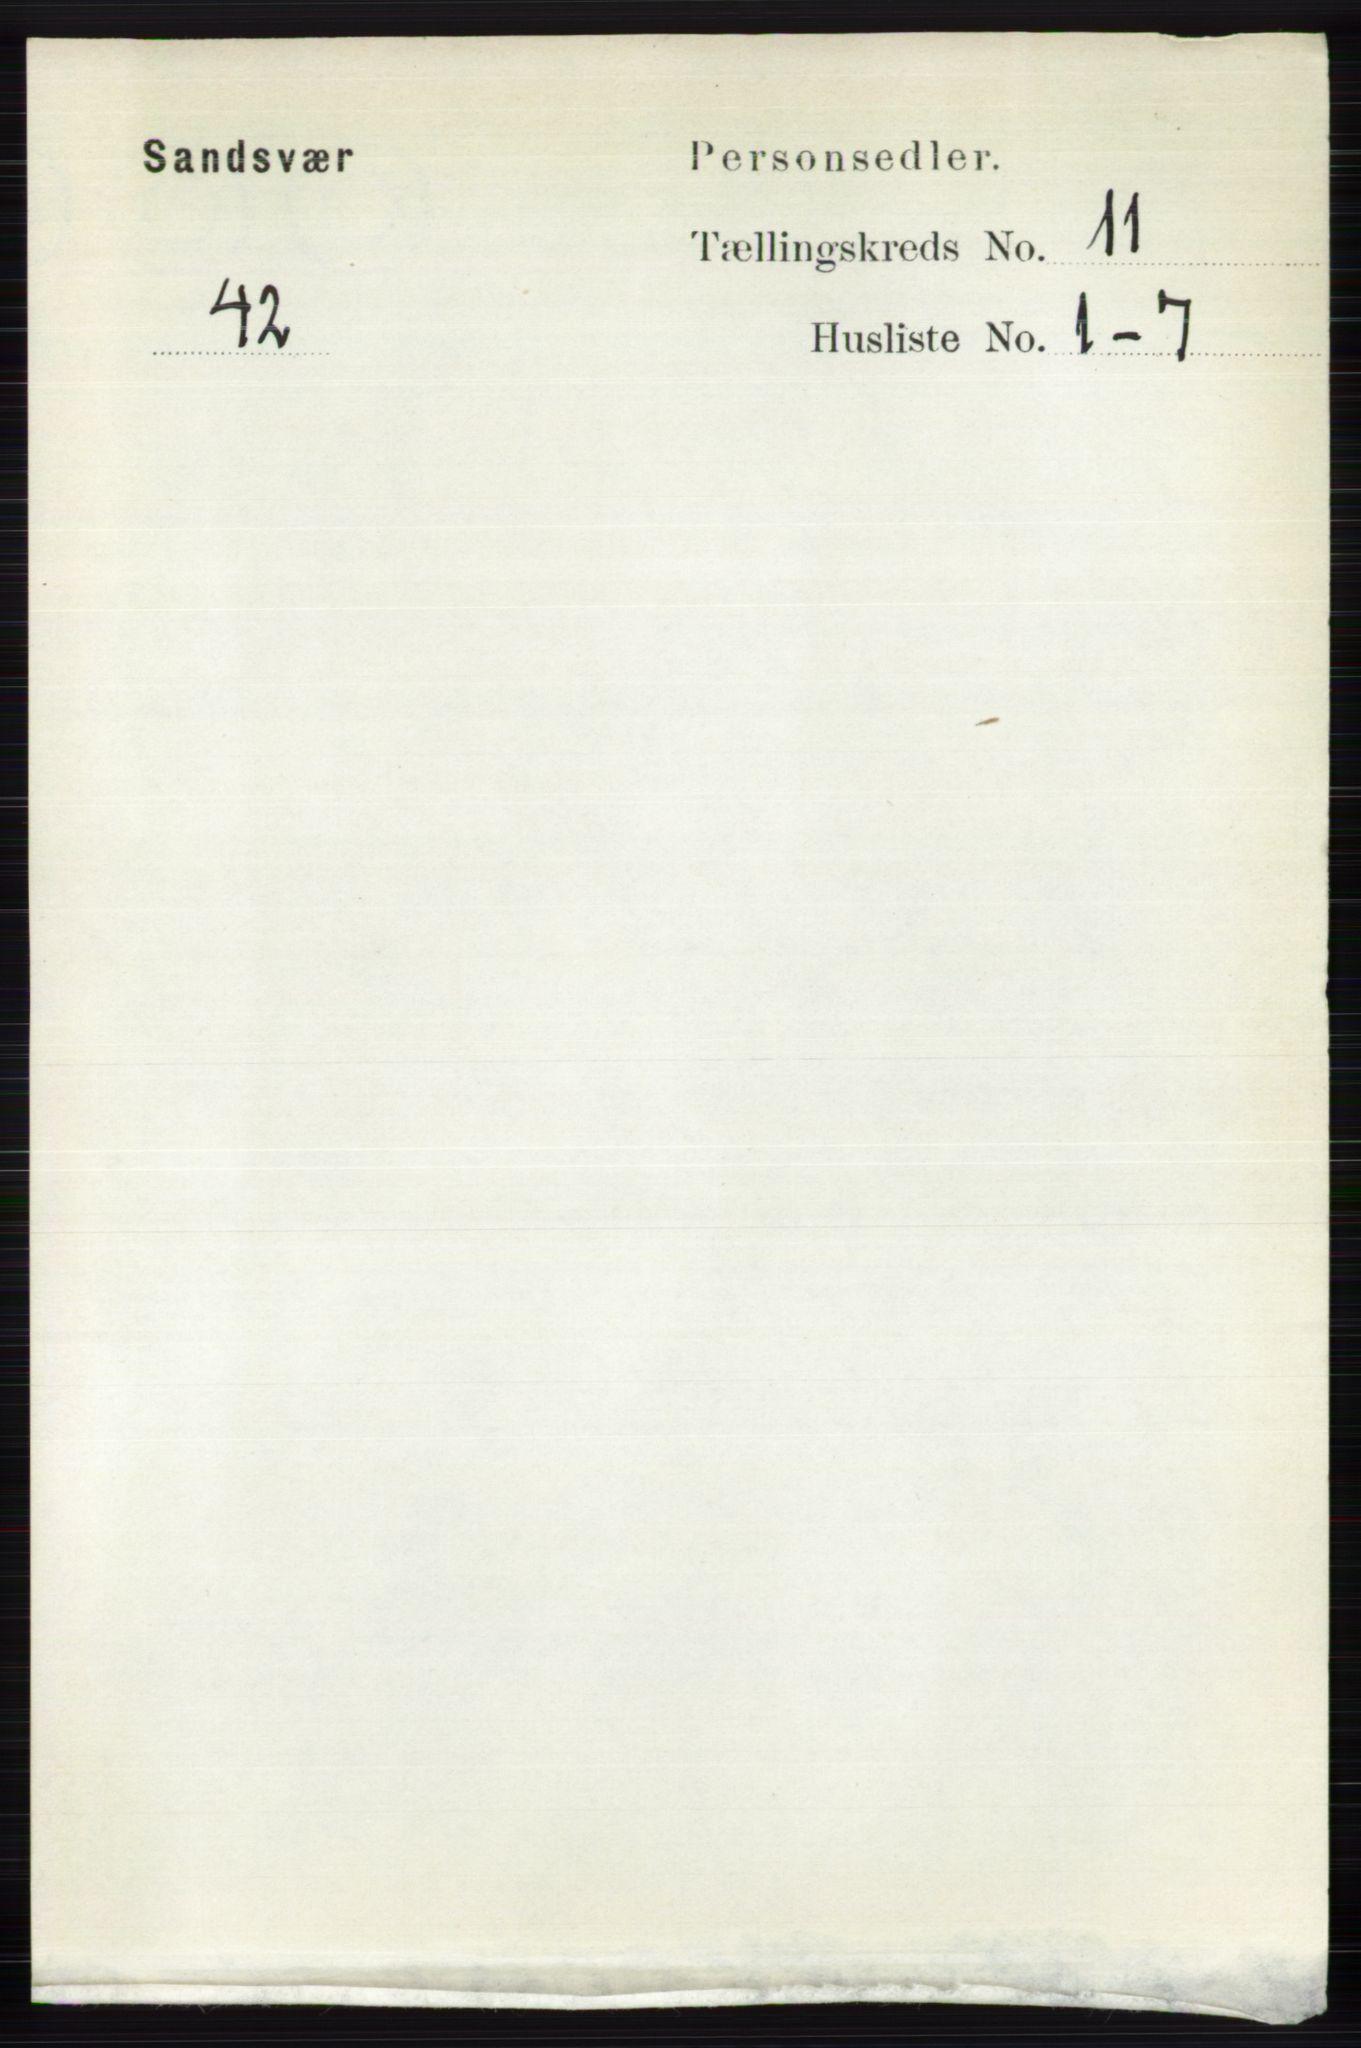 RA, Folketelling 1891 for 0629 Sandsvær herred, 1891, s. 5483